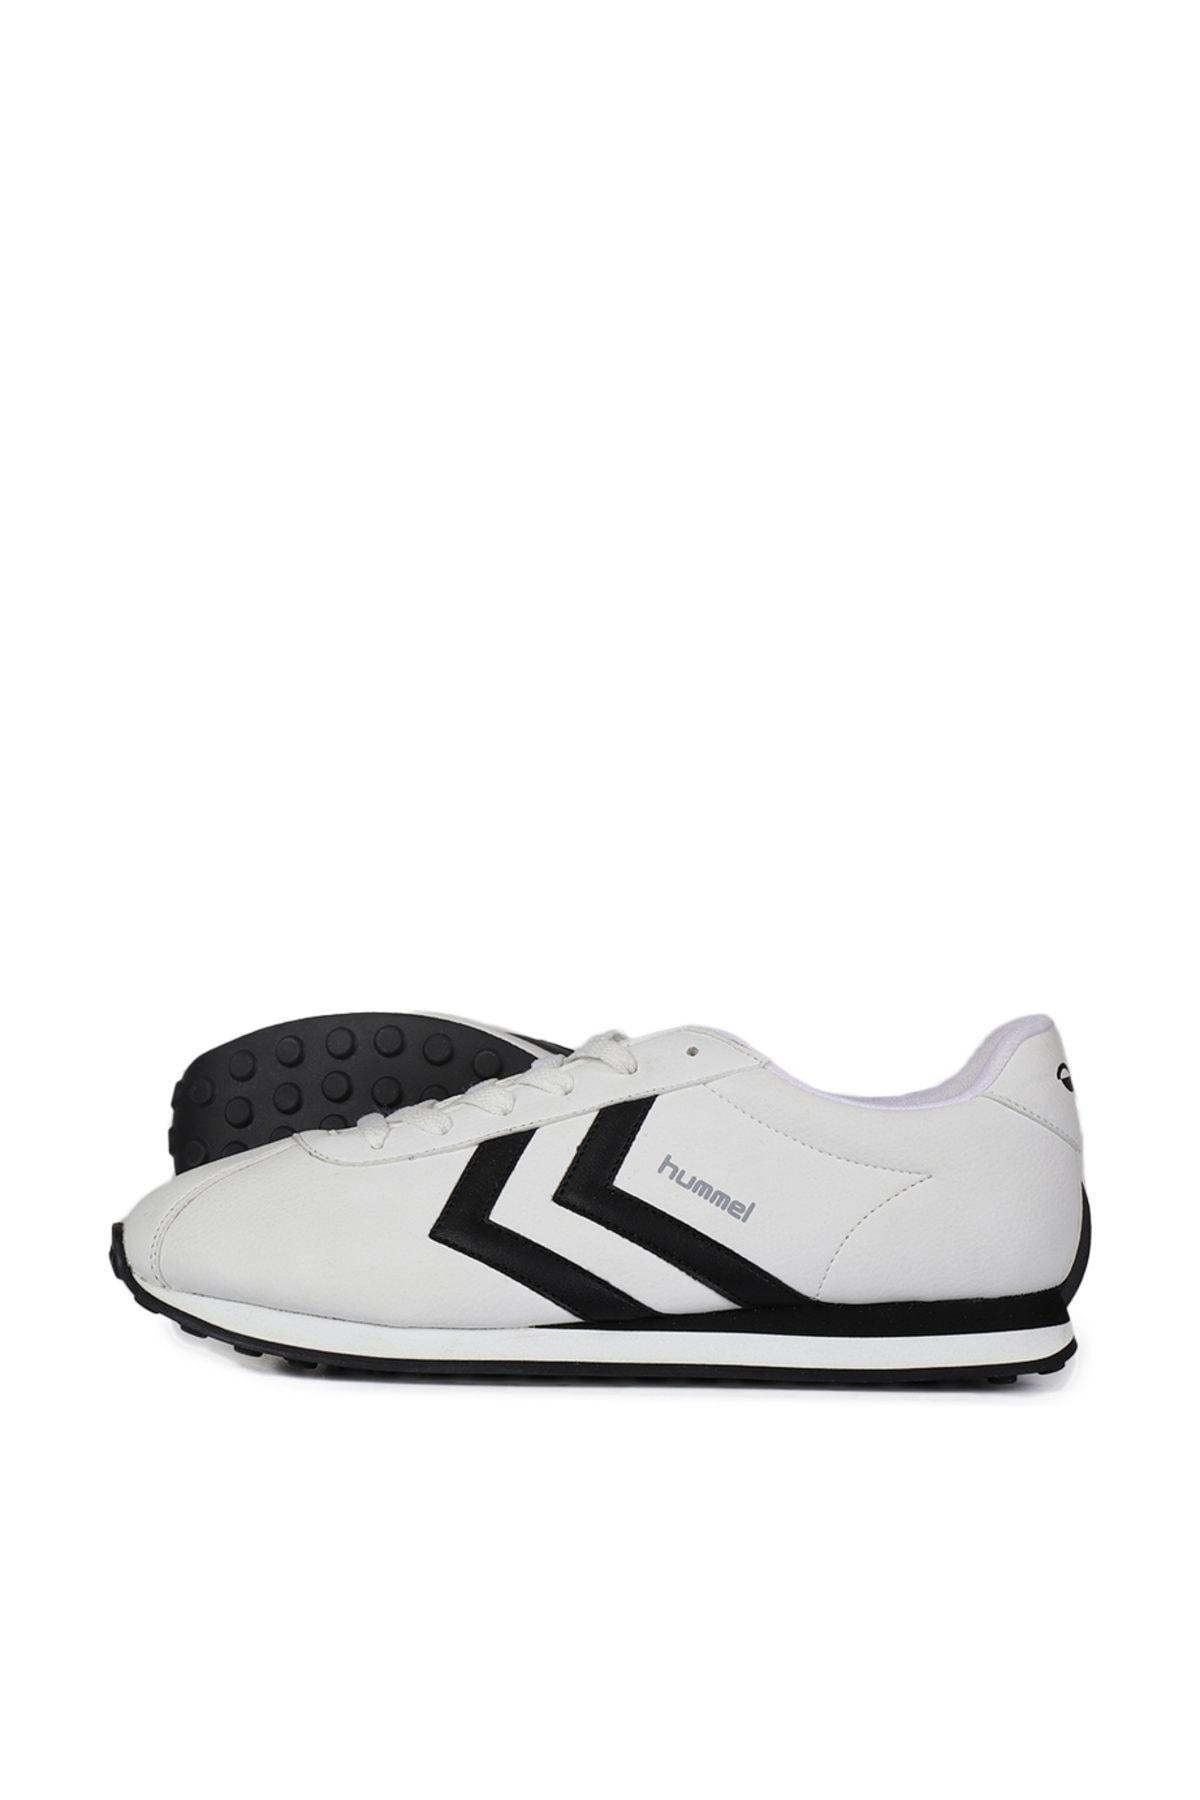 HUMMEL Unisex Beyaz Bağcıklı Koşu Antreman Ayakkabısı 1